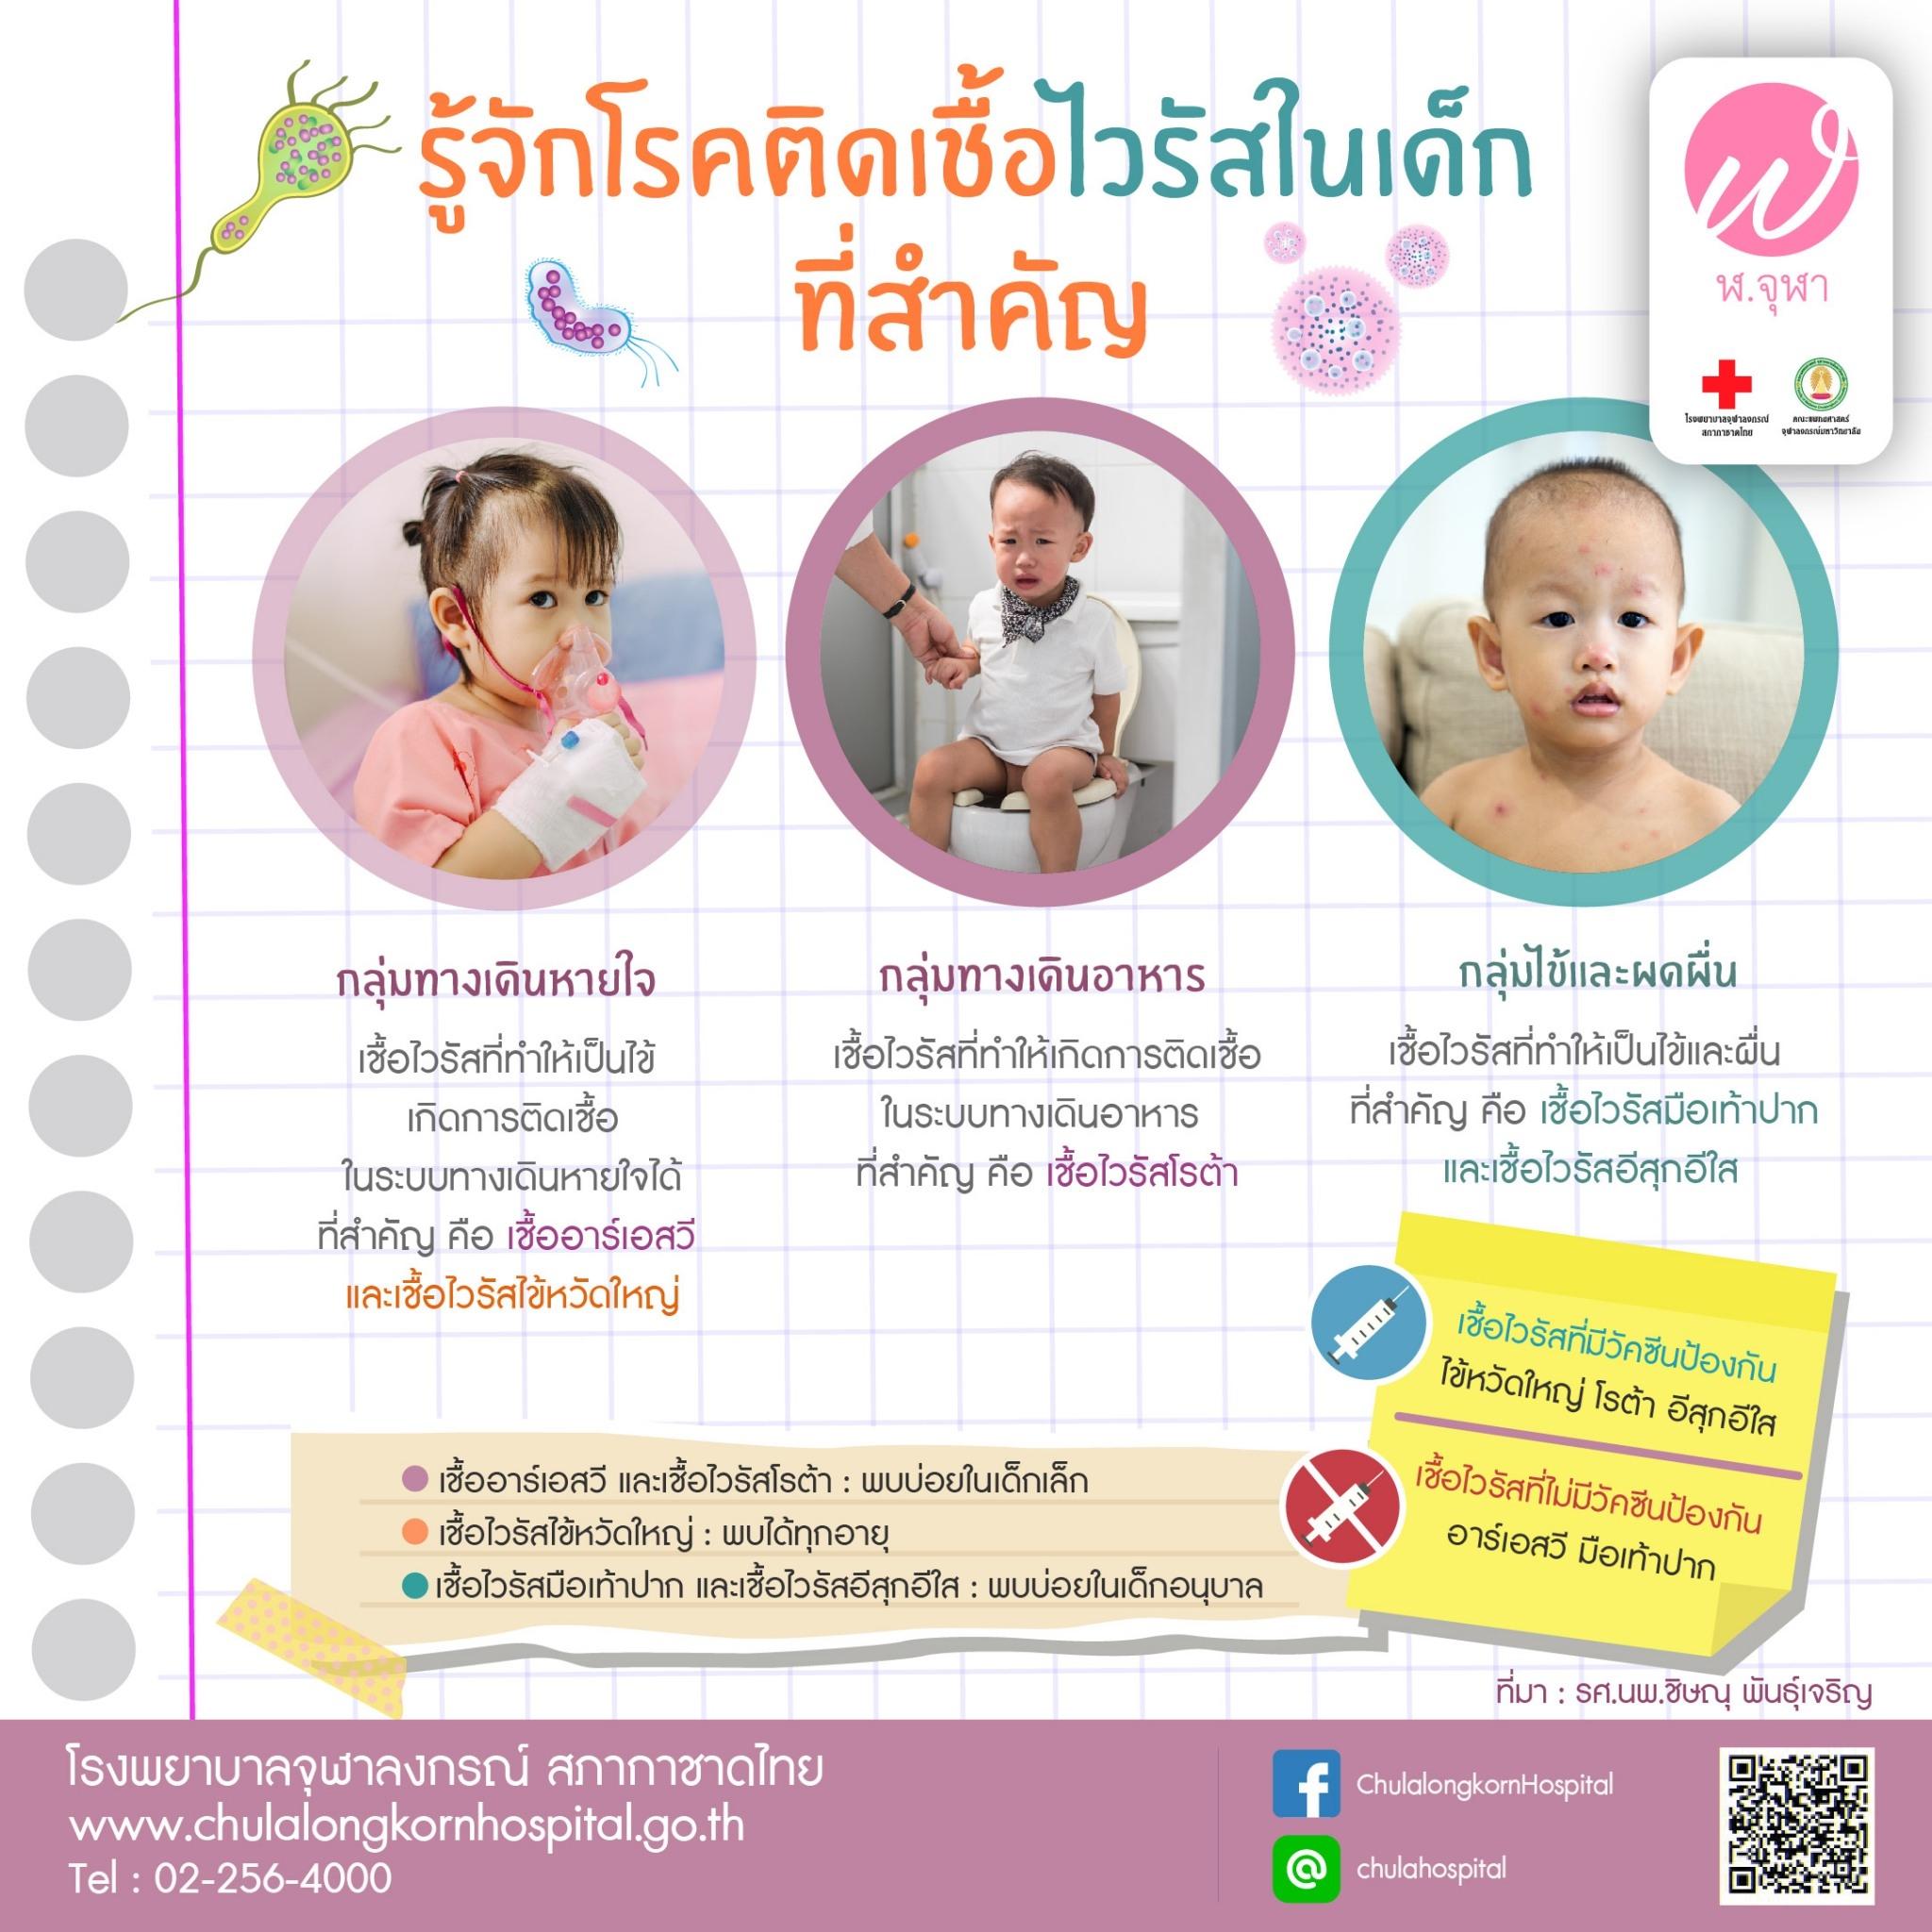 โรคติดเชื้อไวรัสในเด็ก